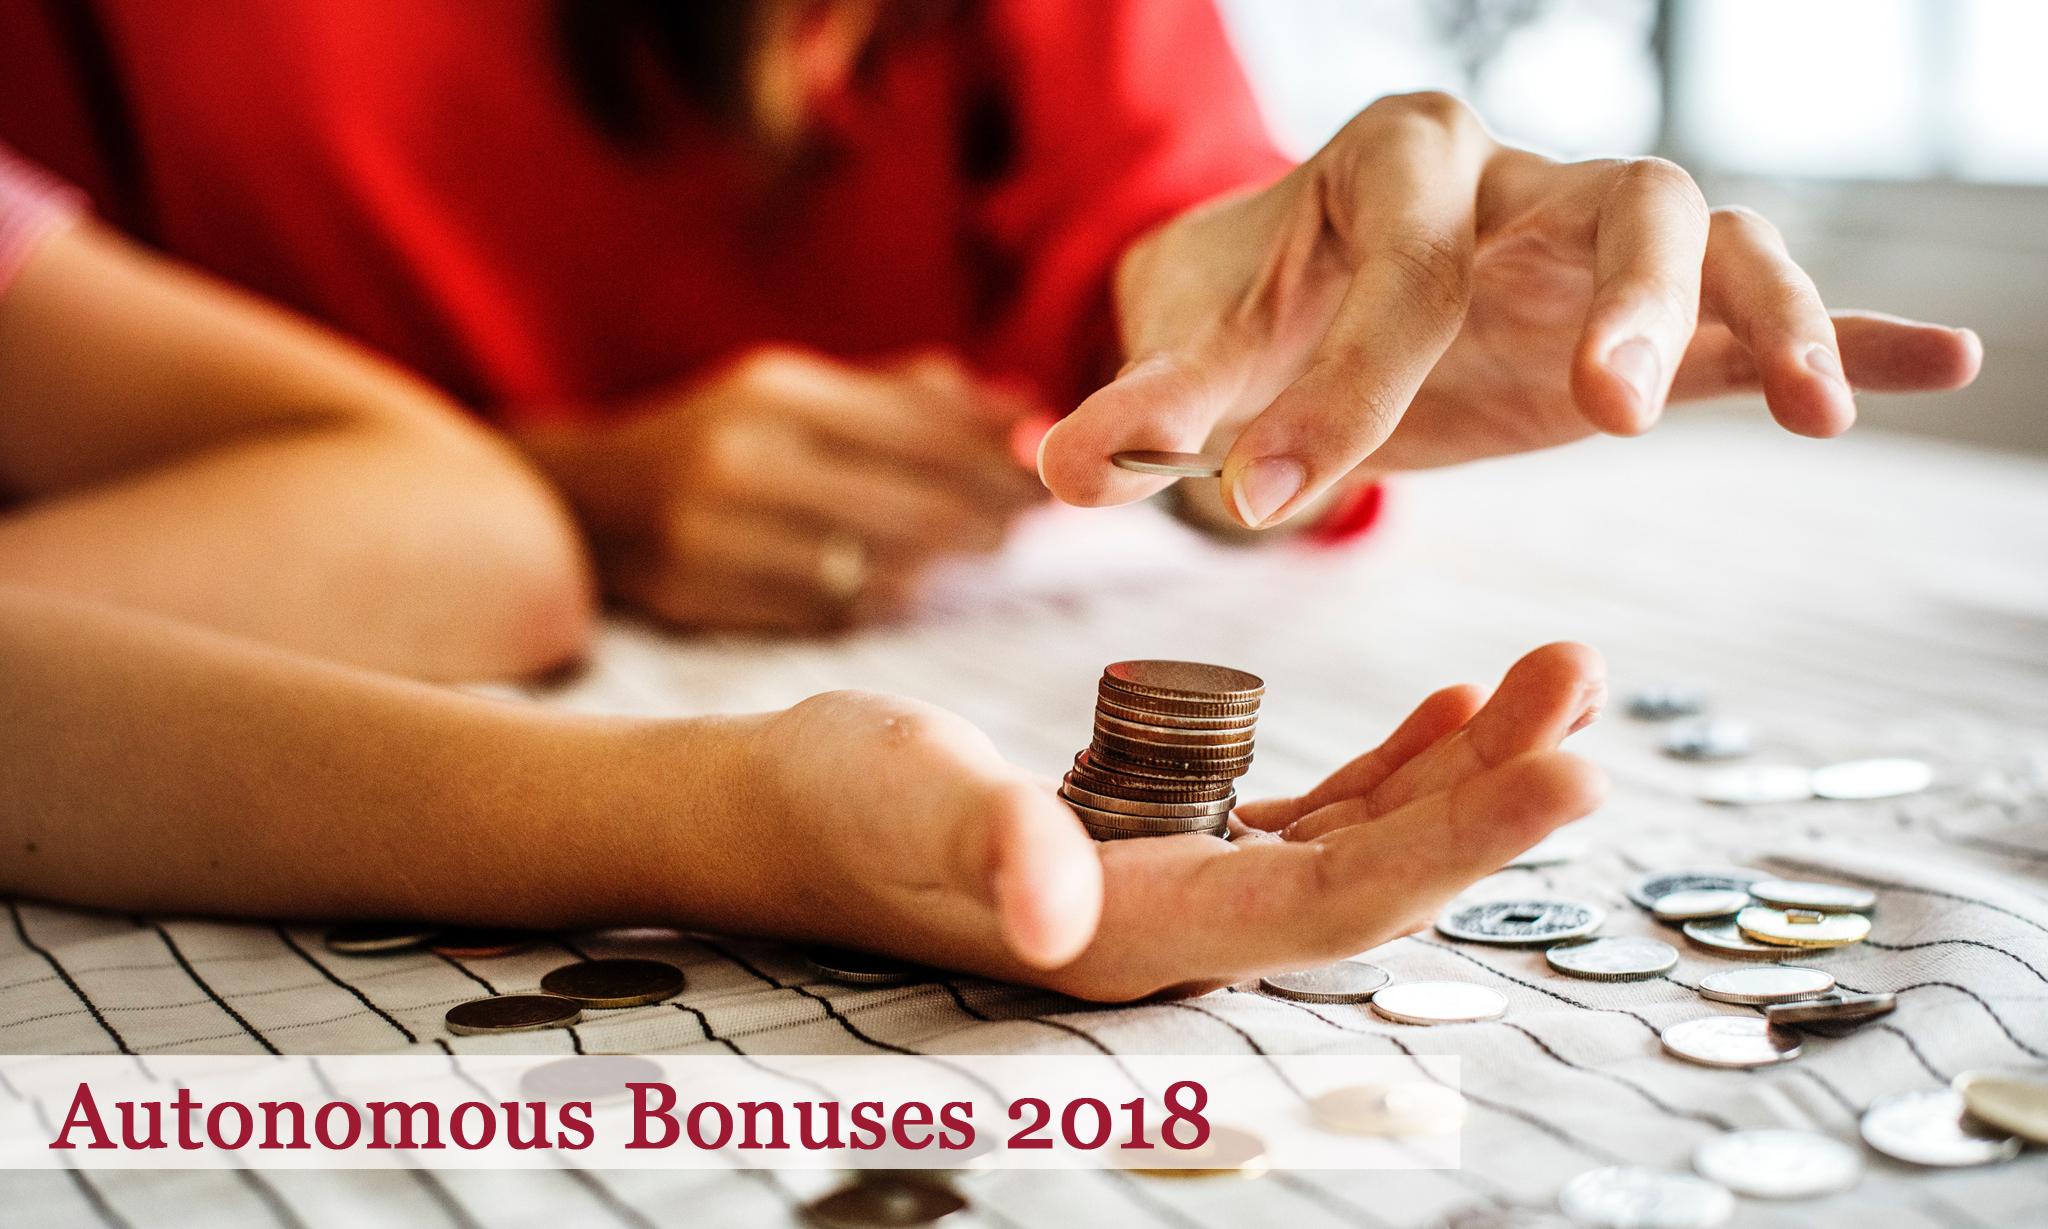 Autonomous Bonuses 2018